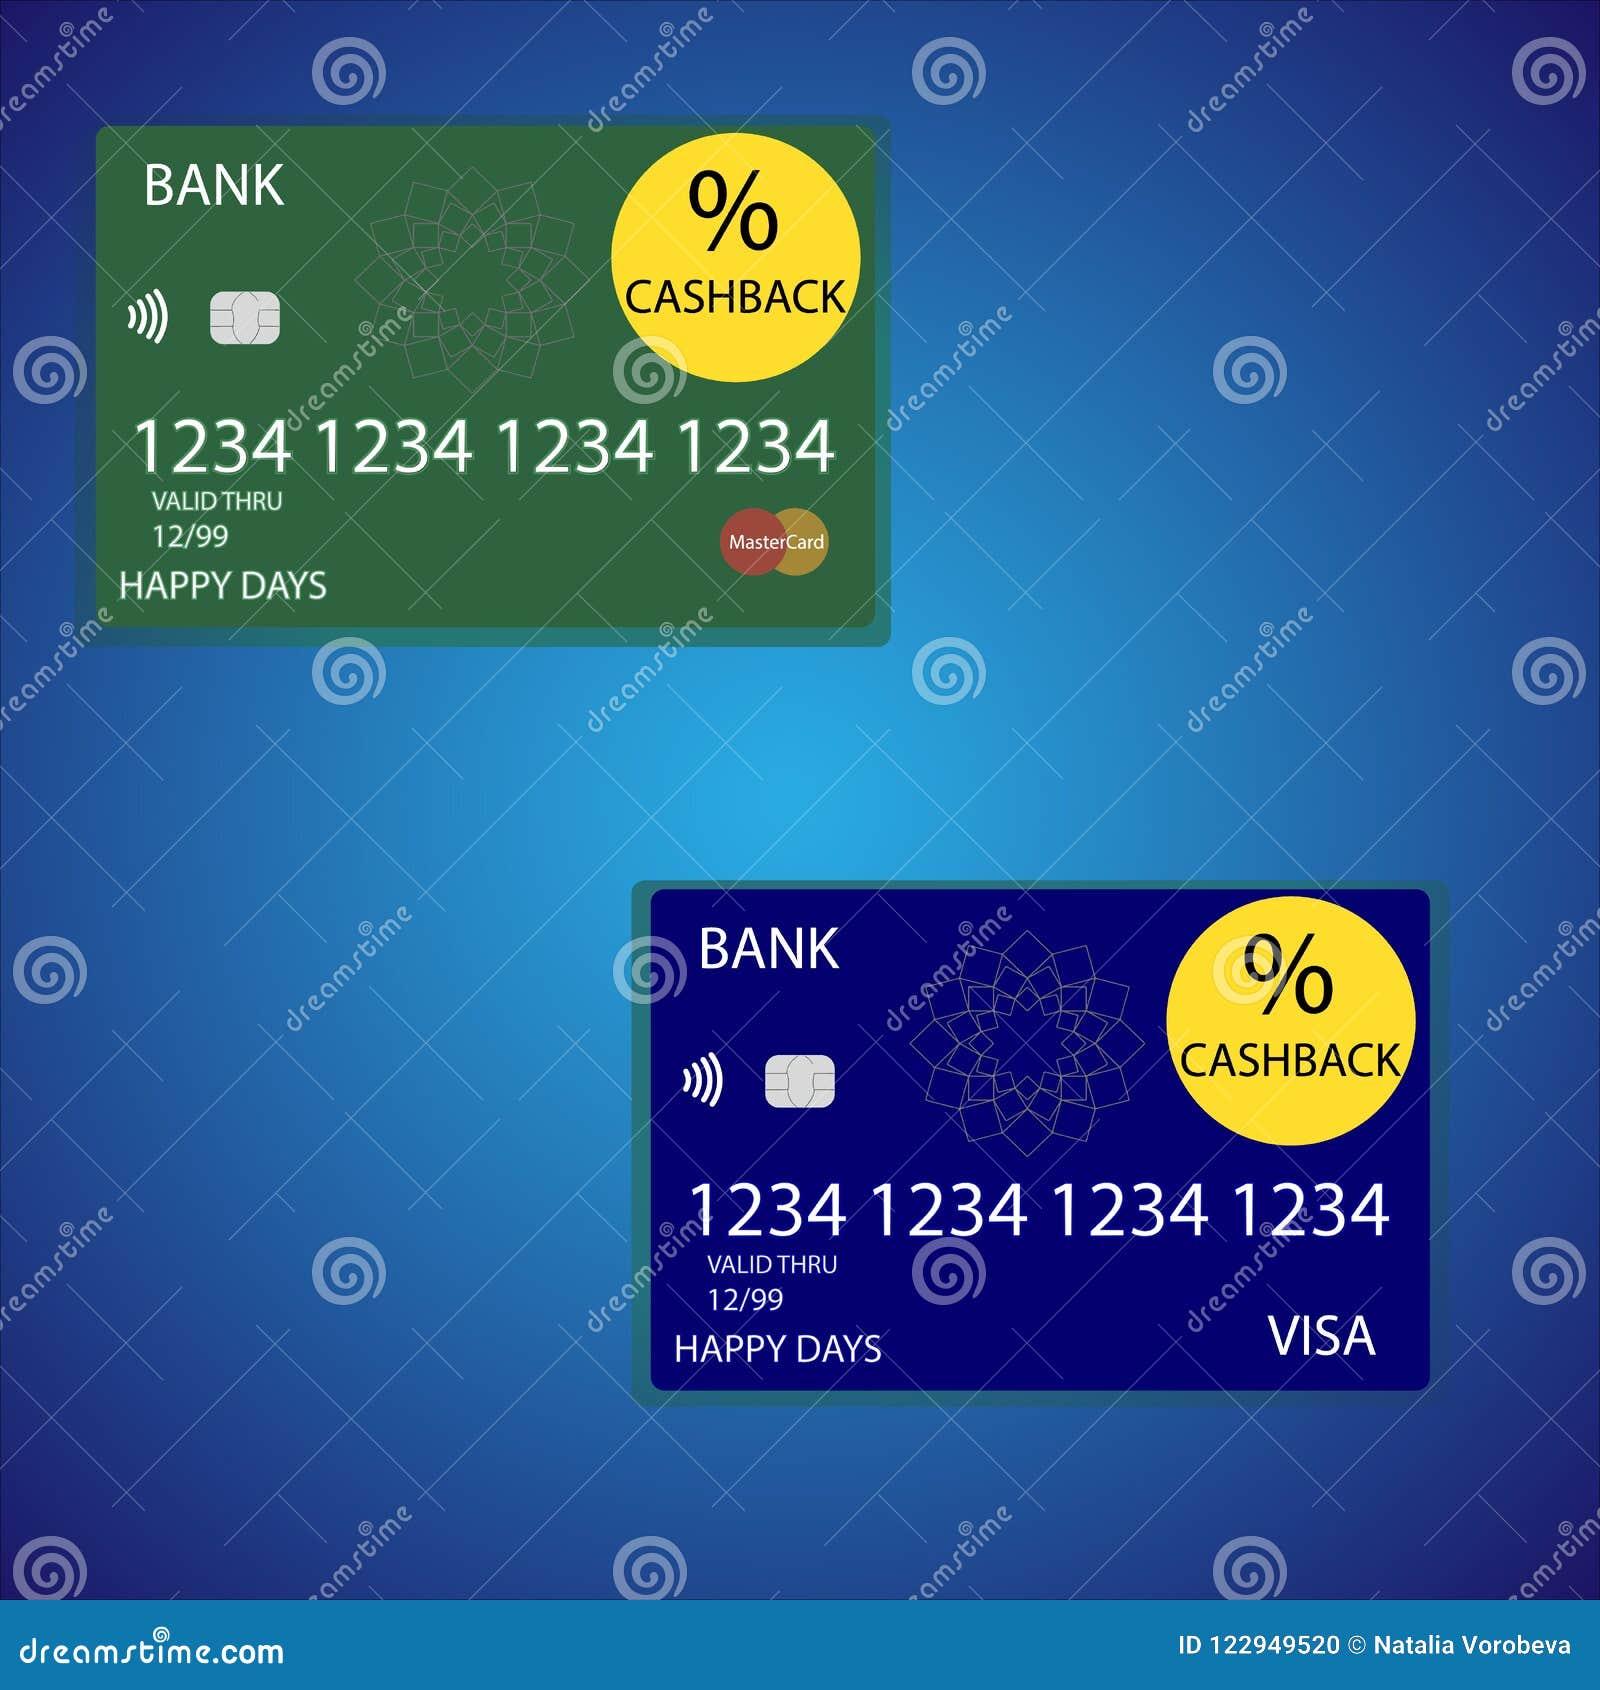 Cashback cards vector illustration.